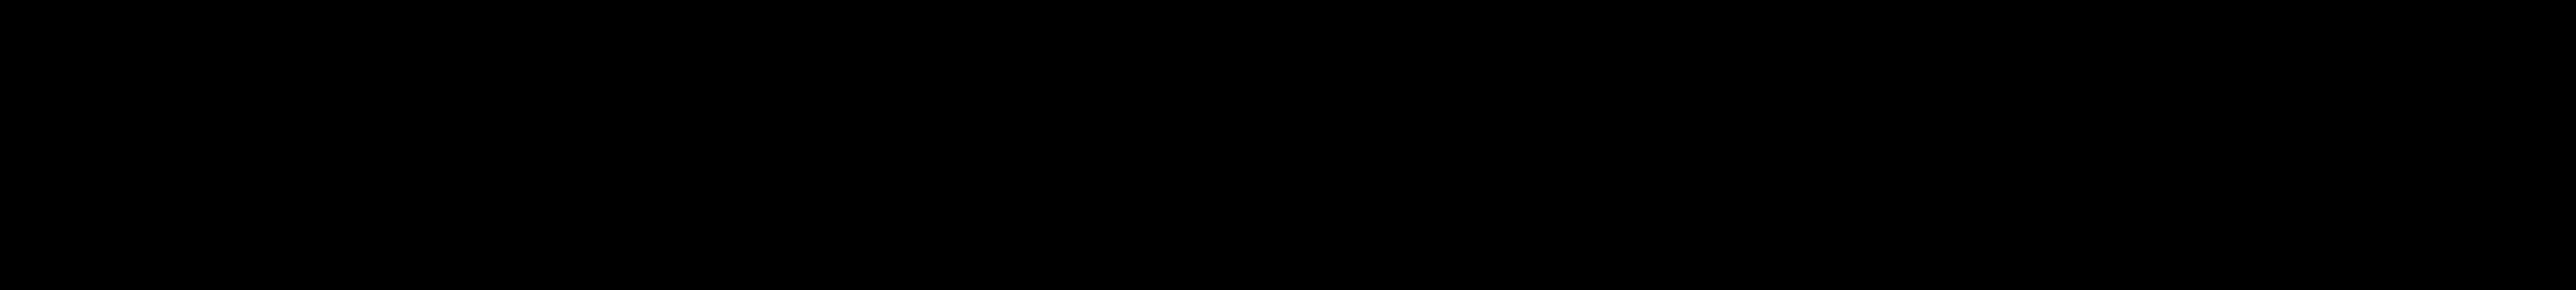 Passages Pasteur